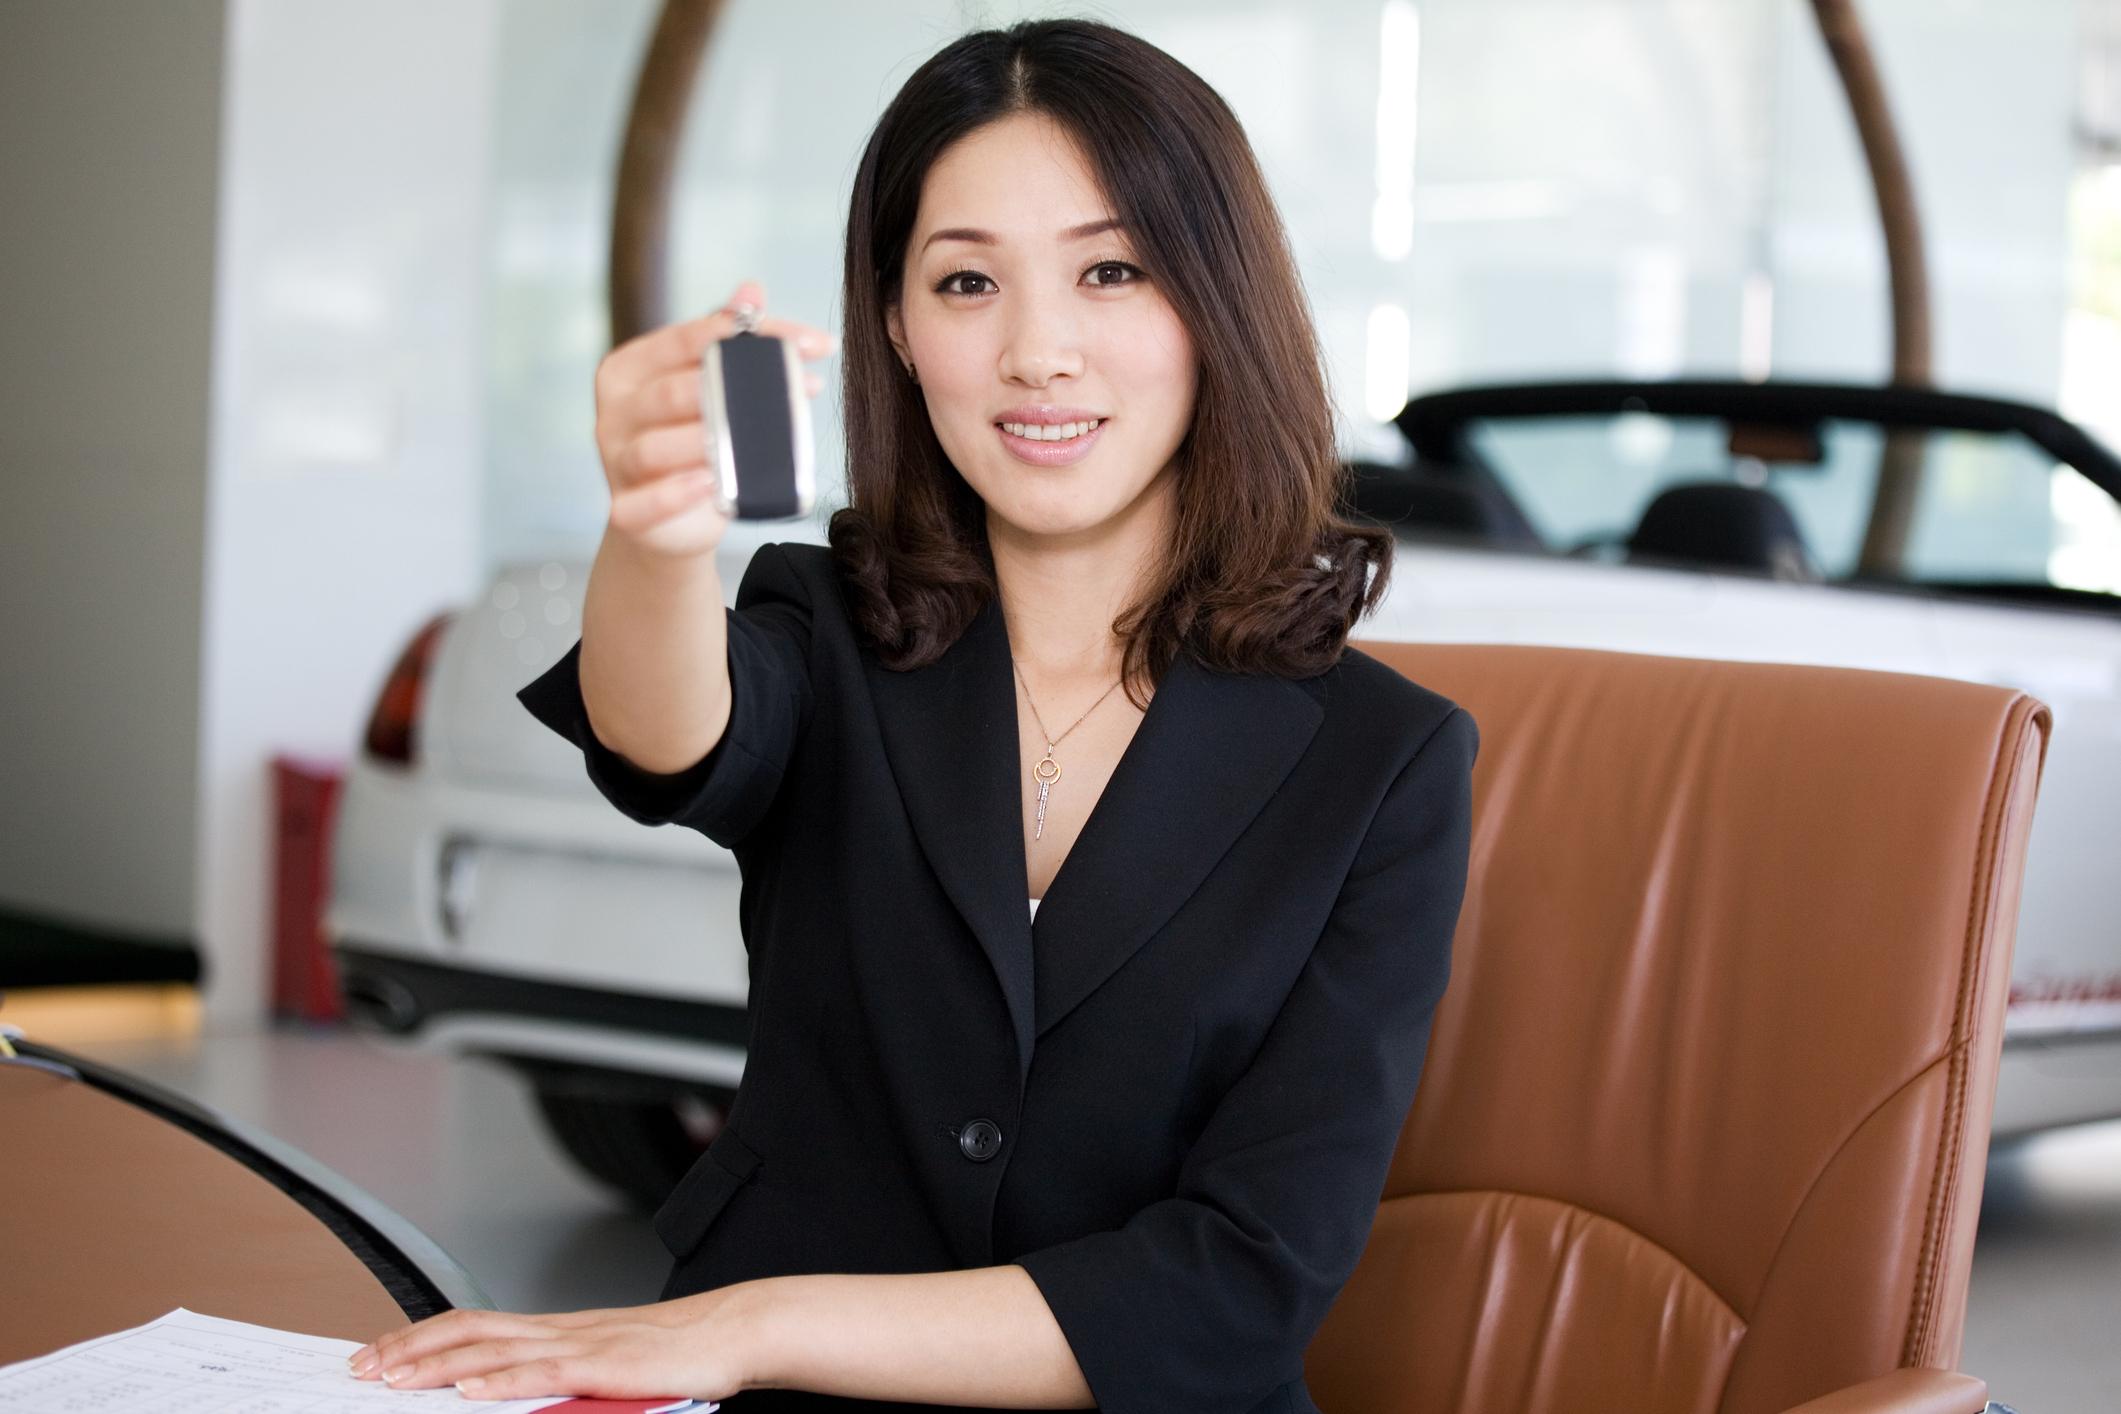 A car dealer hands over a key.